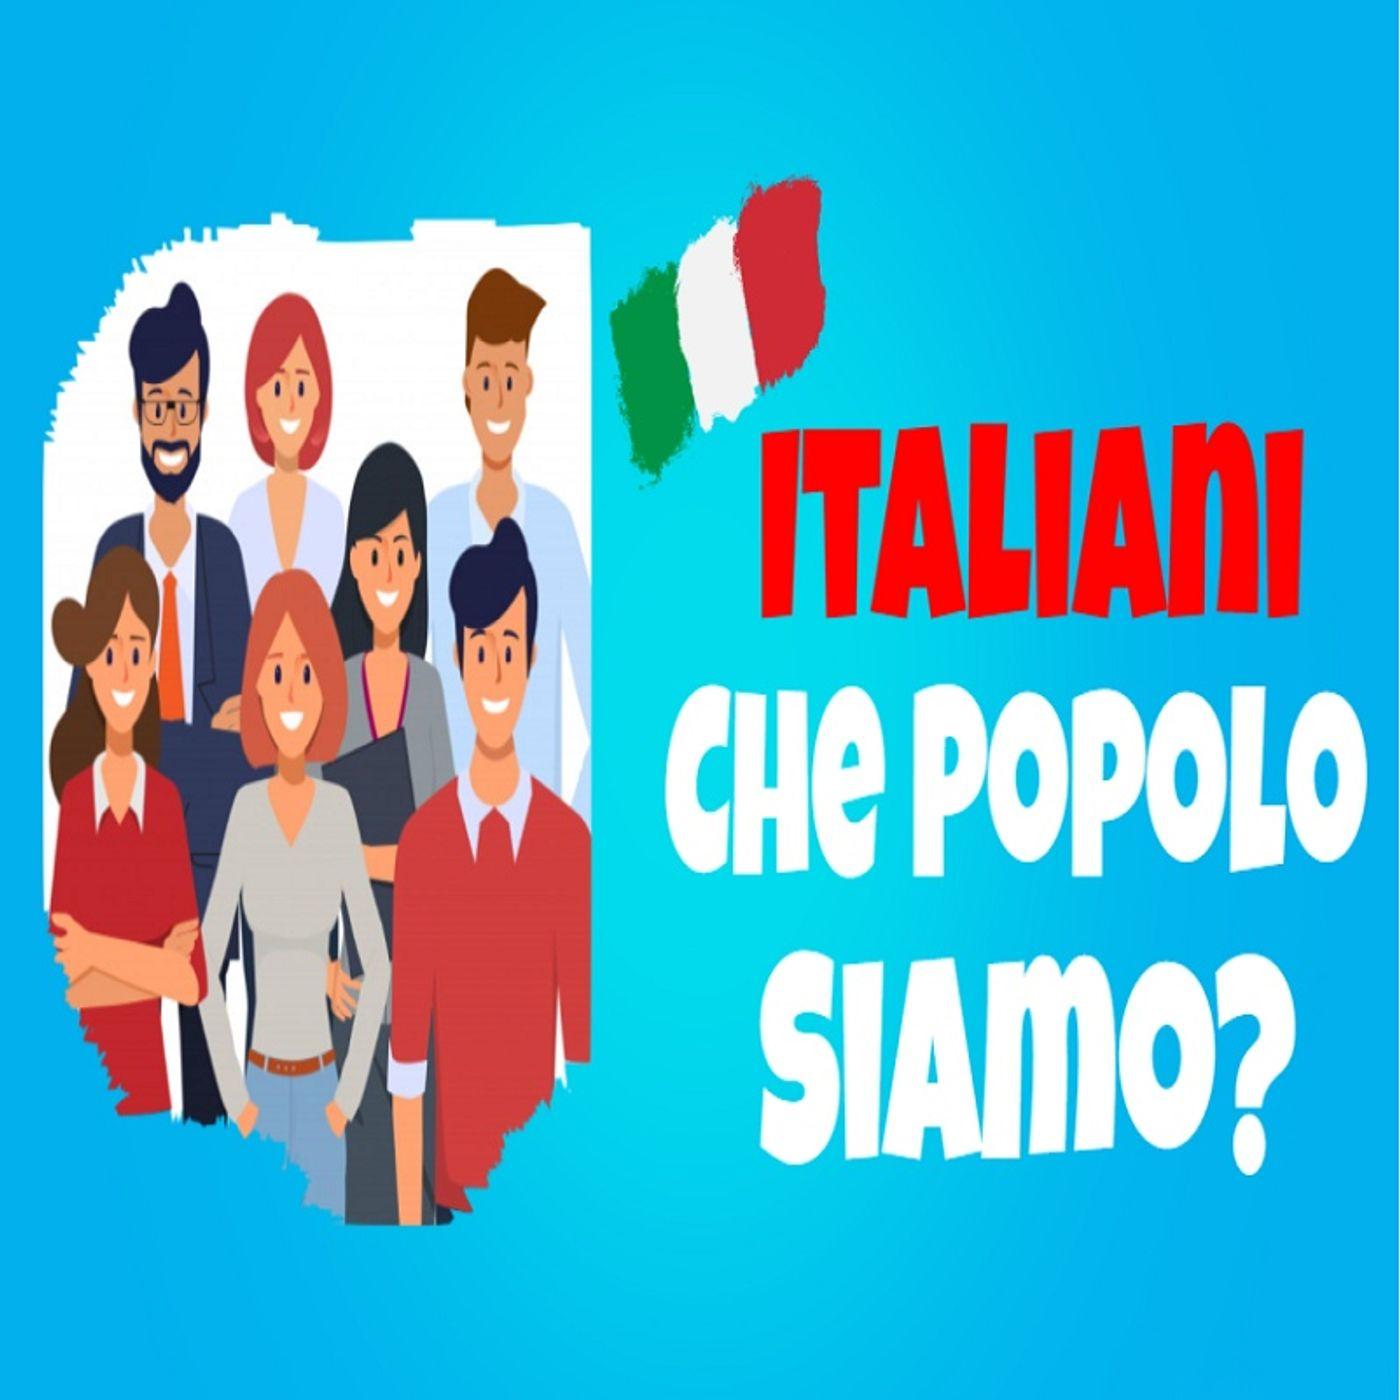 Italiani - Che Popolo Siamo? Analisi Degli Italiani Attraverso Le 6 Dimensioni Di Hofstede